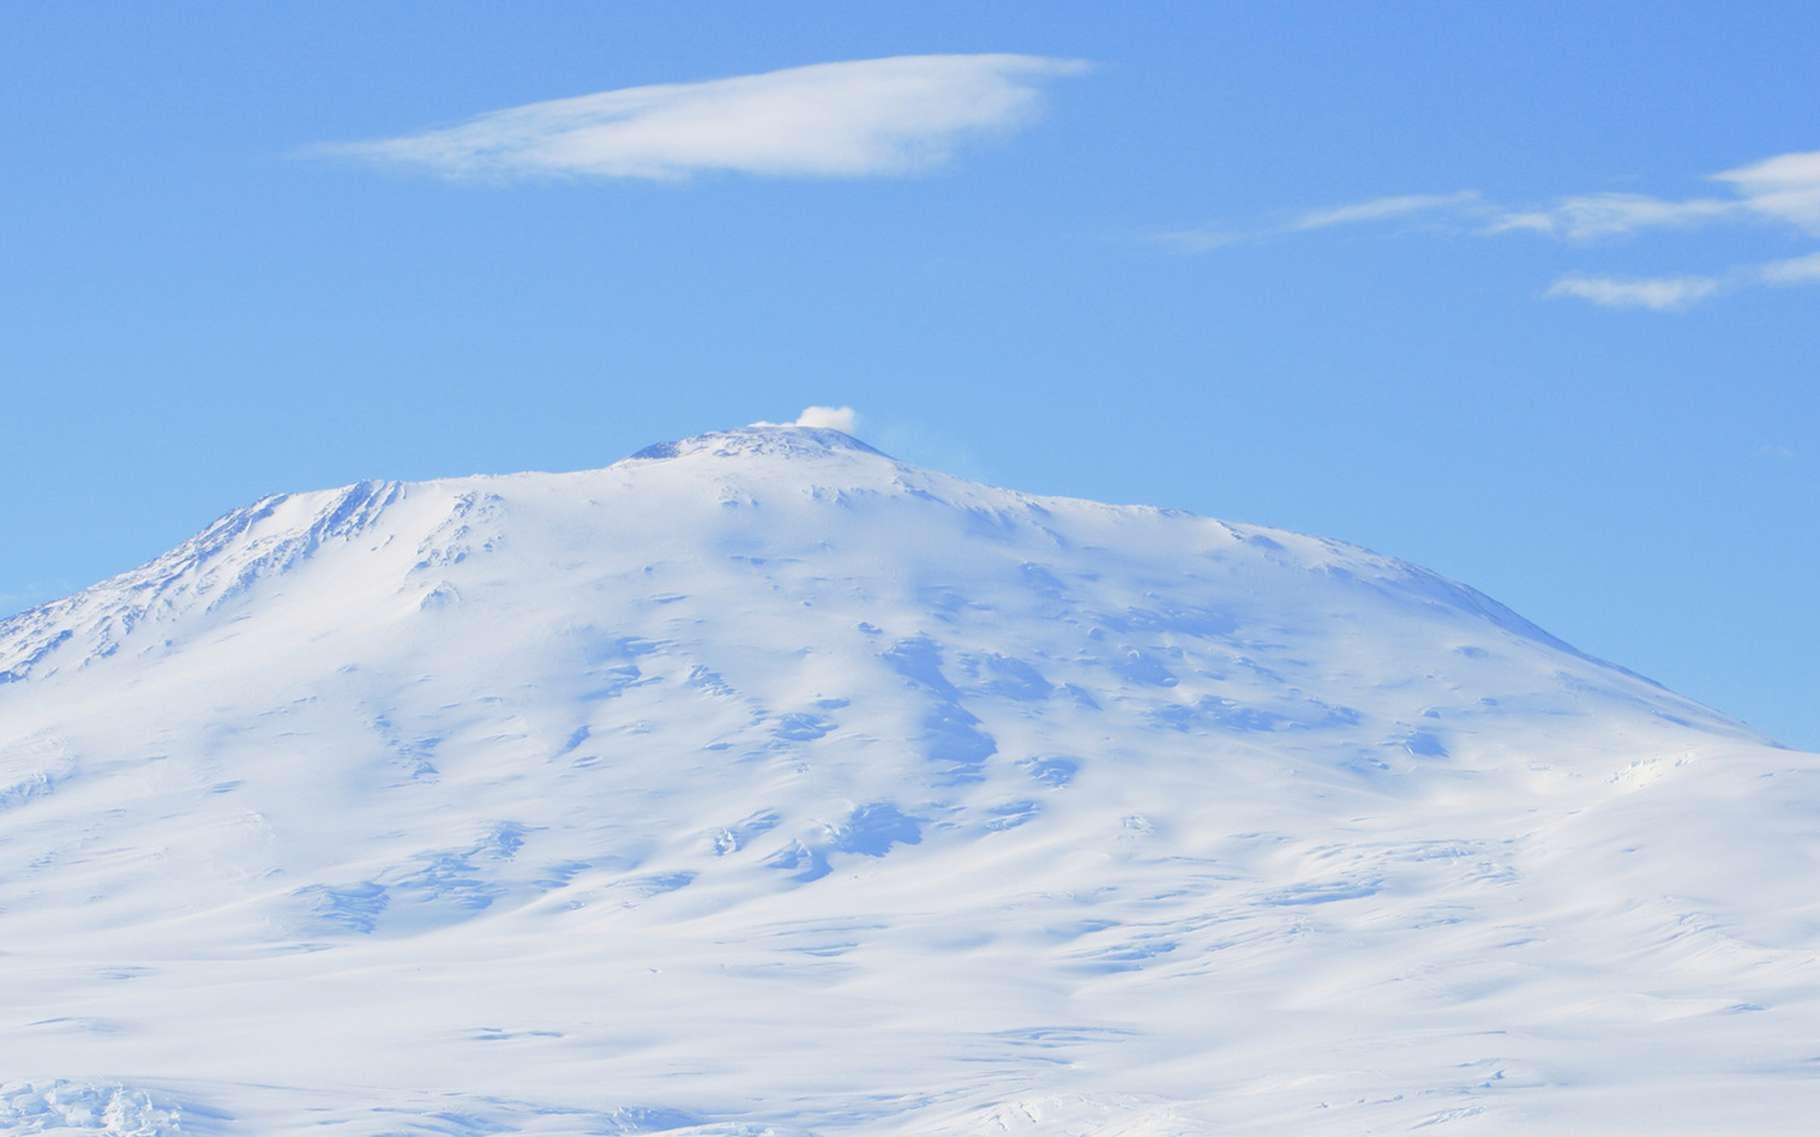 Des grottes chaudes ont été découvertes autour du mont Erebus, un volcan de l'Antarctique. Elles pourraient abriter des écosystèmes insoupçonnés. © serge_t, Fotolia